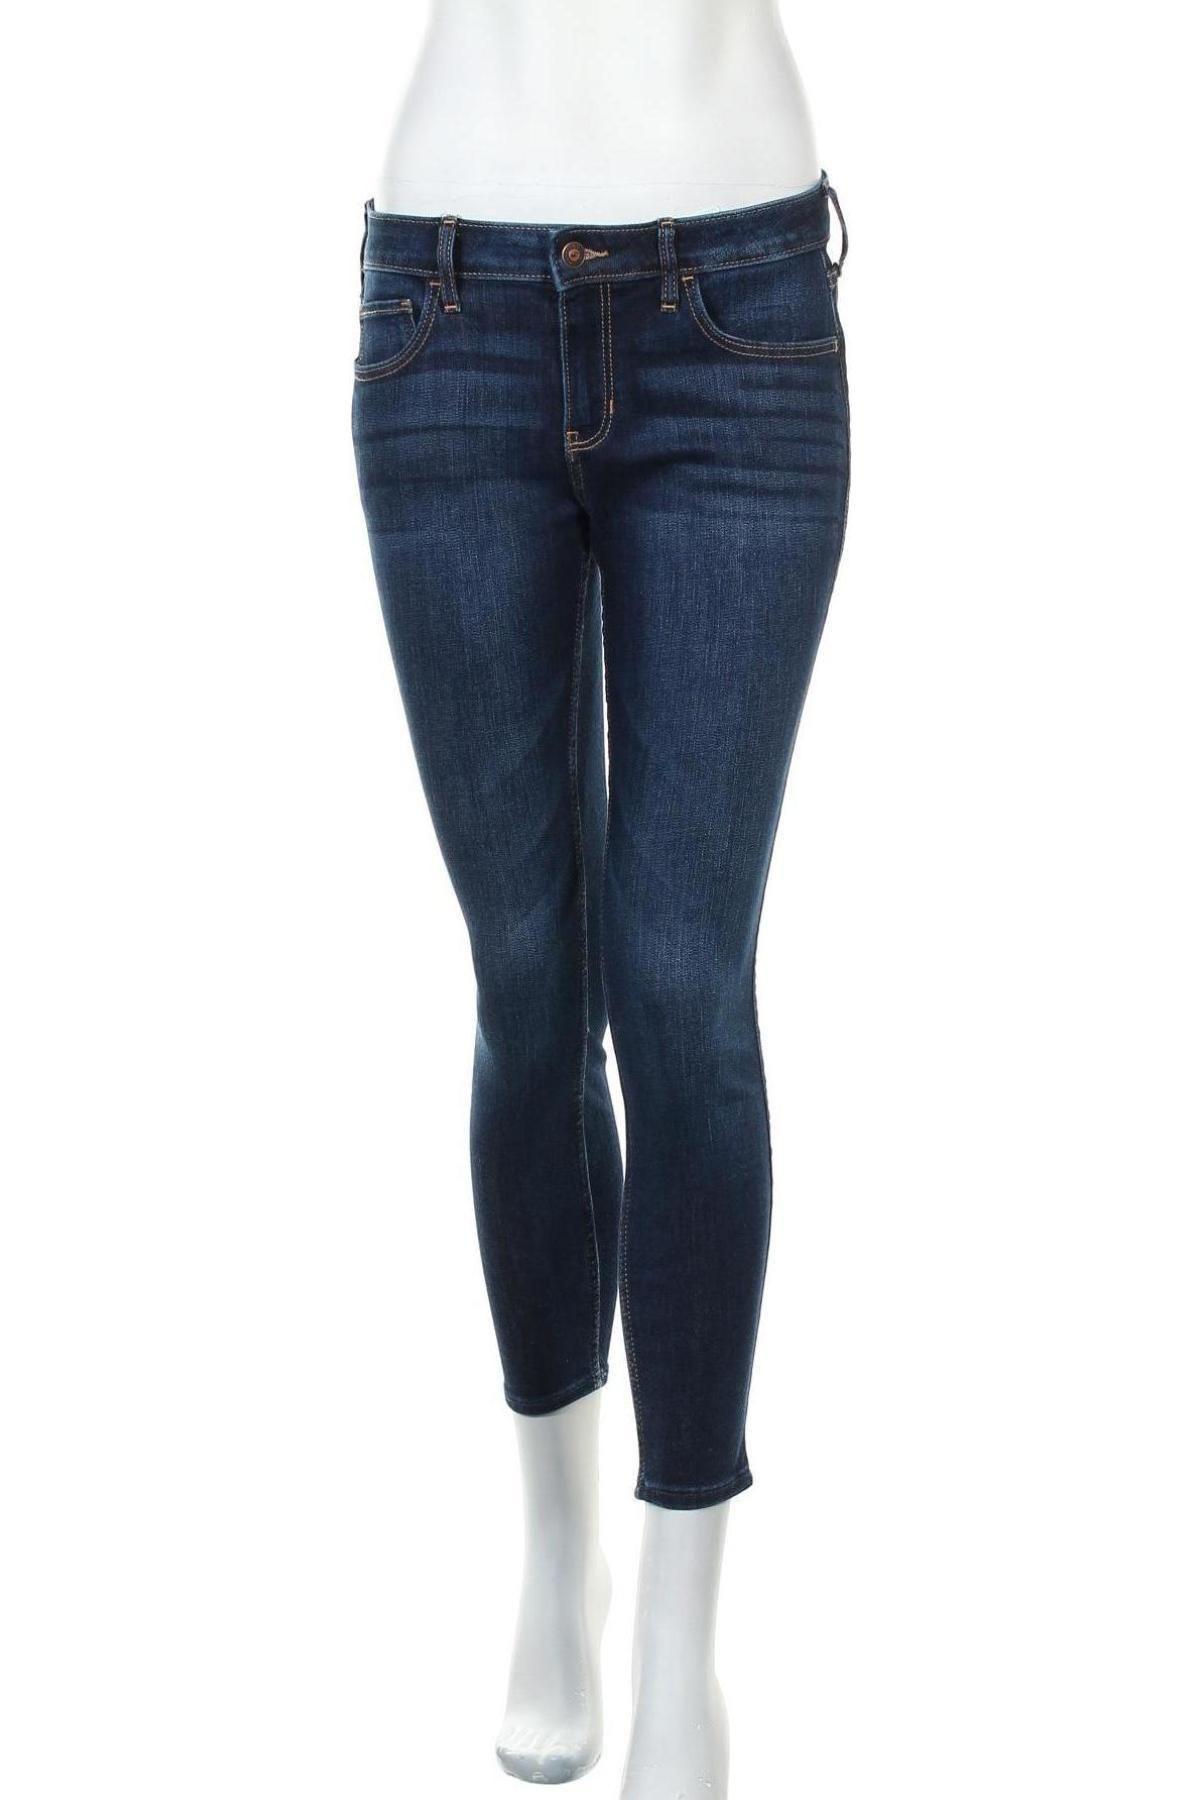 Дамски дънки Hollister, Размер L, Цвят Син, 77% памук, 12% полиестер, 9% вискоза, 2% еластан, Цена 51,75лв.